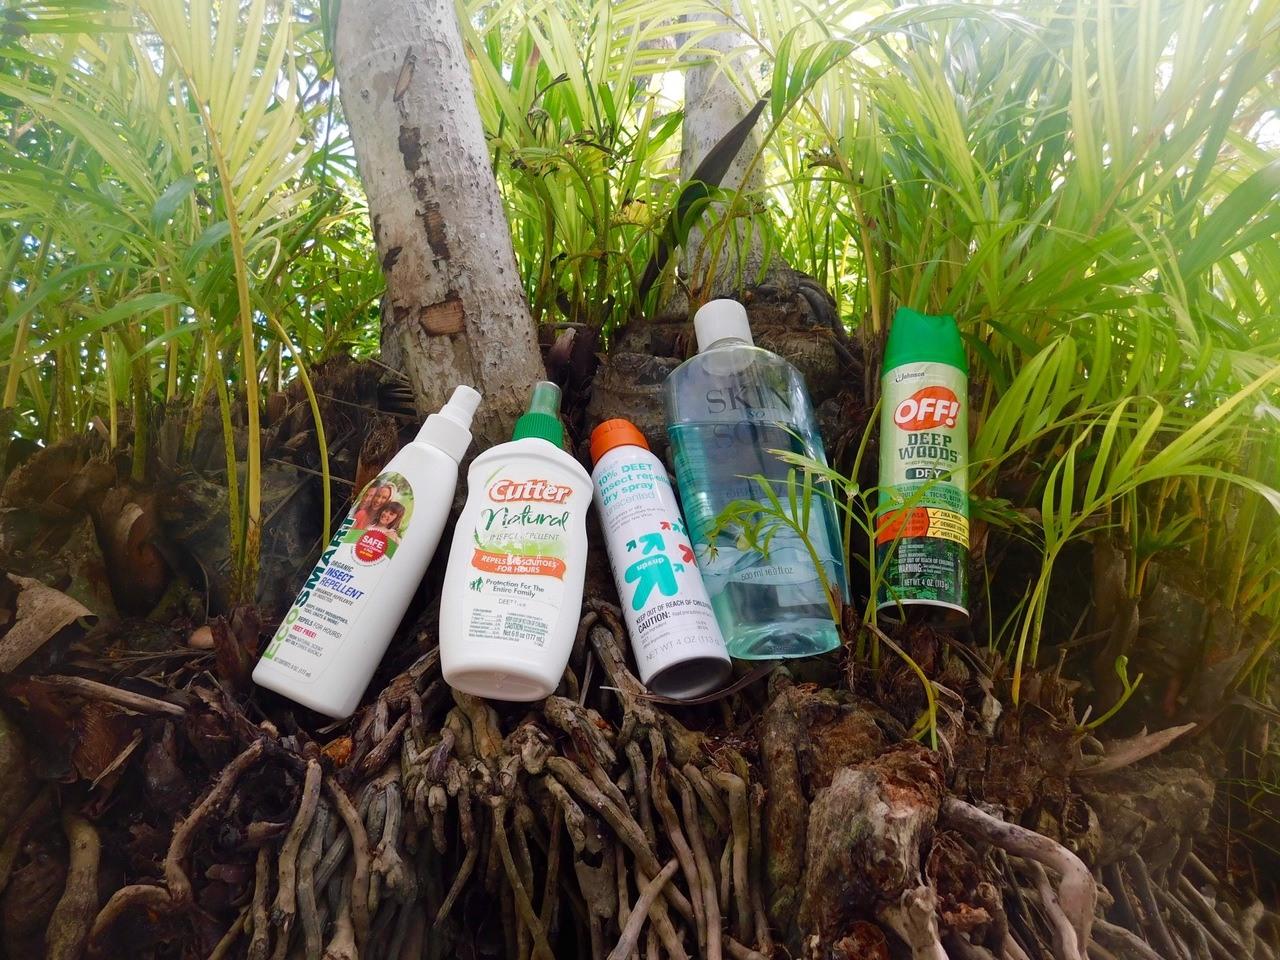 Répulsifs anti-moustiques, mosquitoe repellent : sprays, aérosols, huiles : les meilleurs produits aux Etats-Unis / USA.